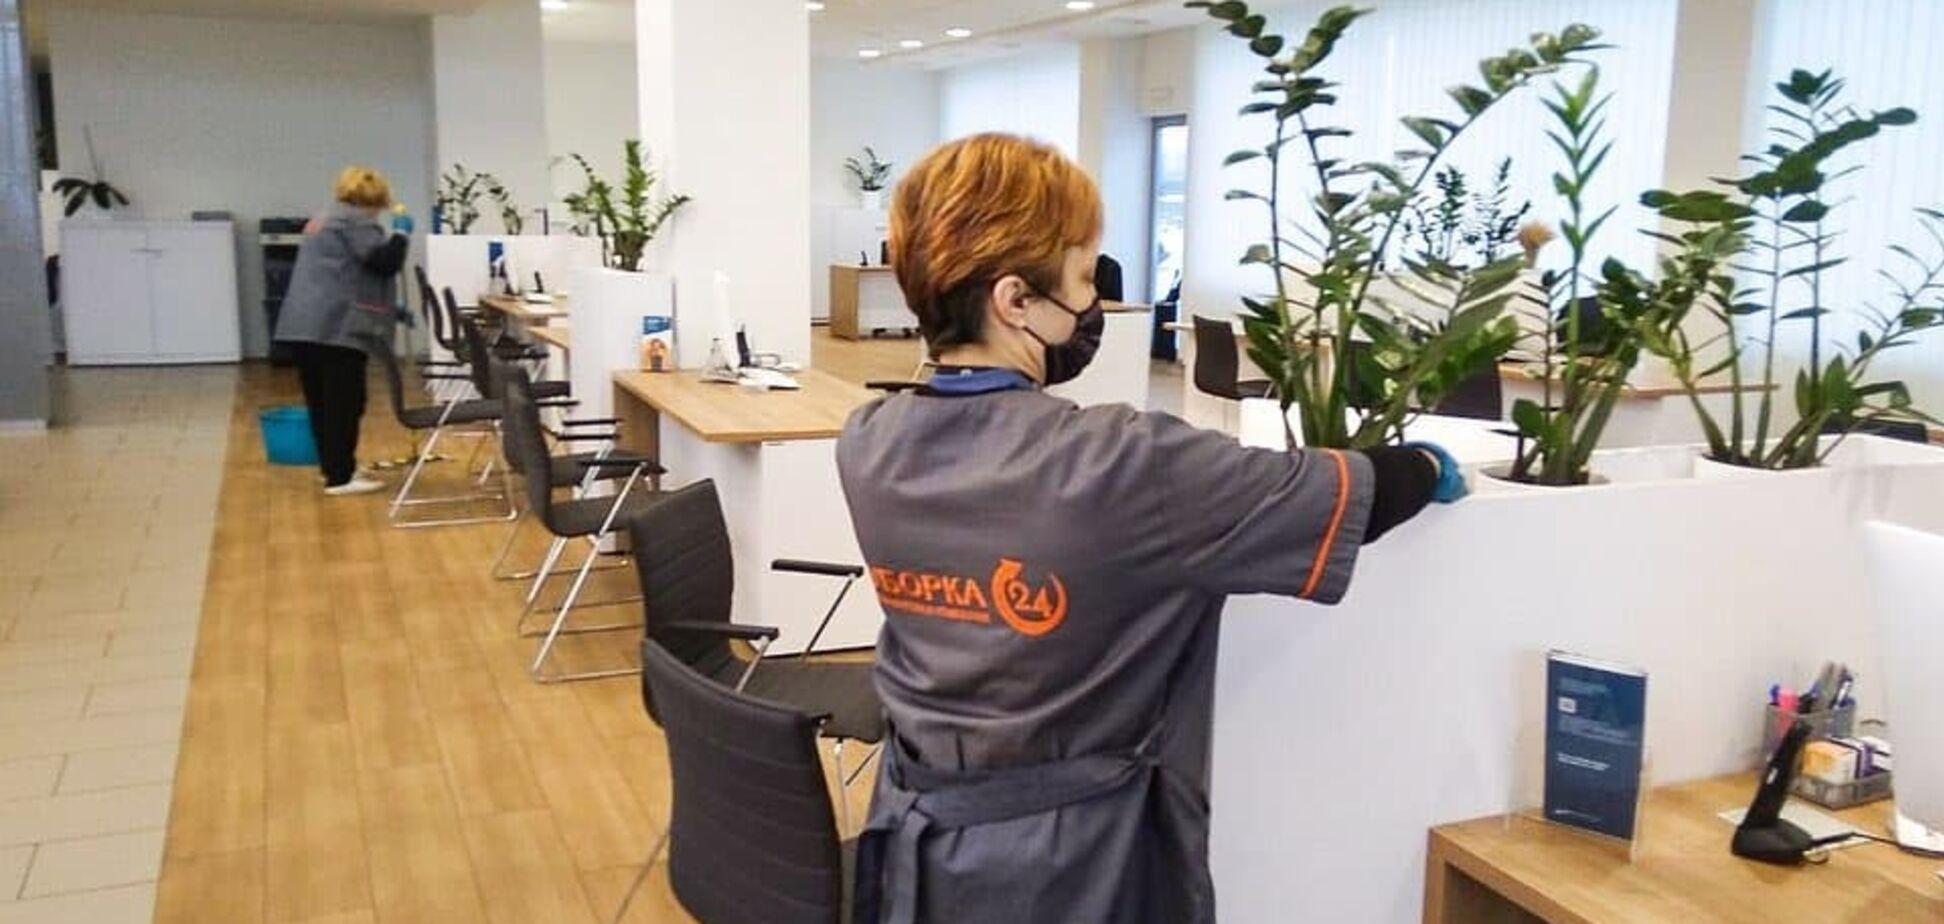 Як підвищити продуктивність співробітників щоденним прибиранням офісу